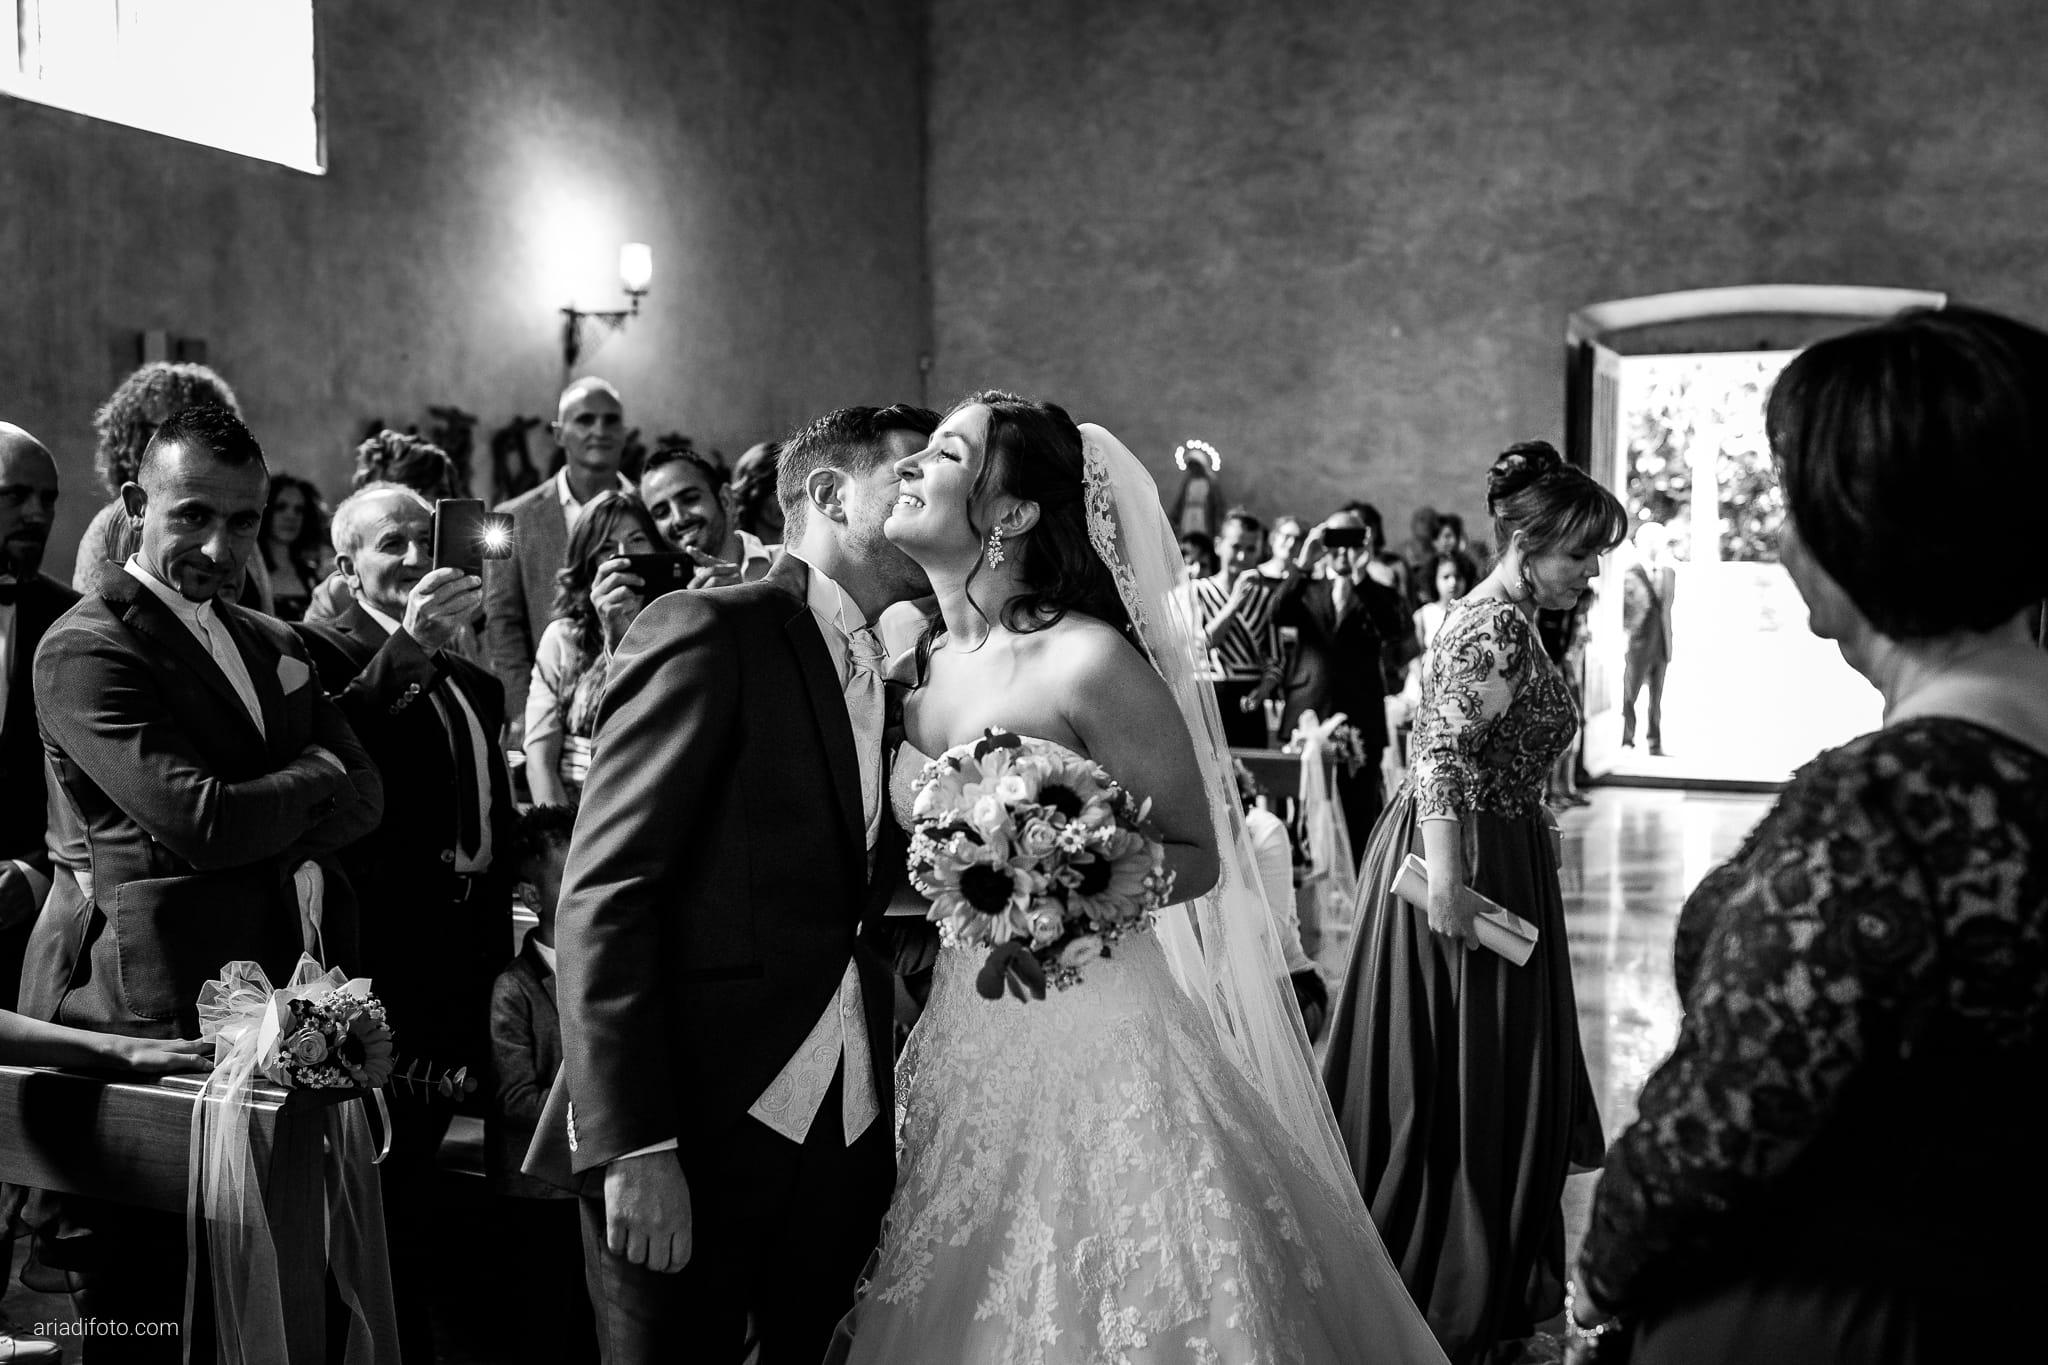 Giulia Alessandro Matrimonio Duino Trieste Baronesse Tacco San Floriano Del Collio Gorizia cerimonia ingresso sposa